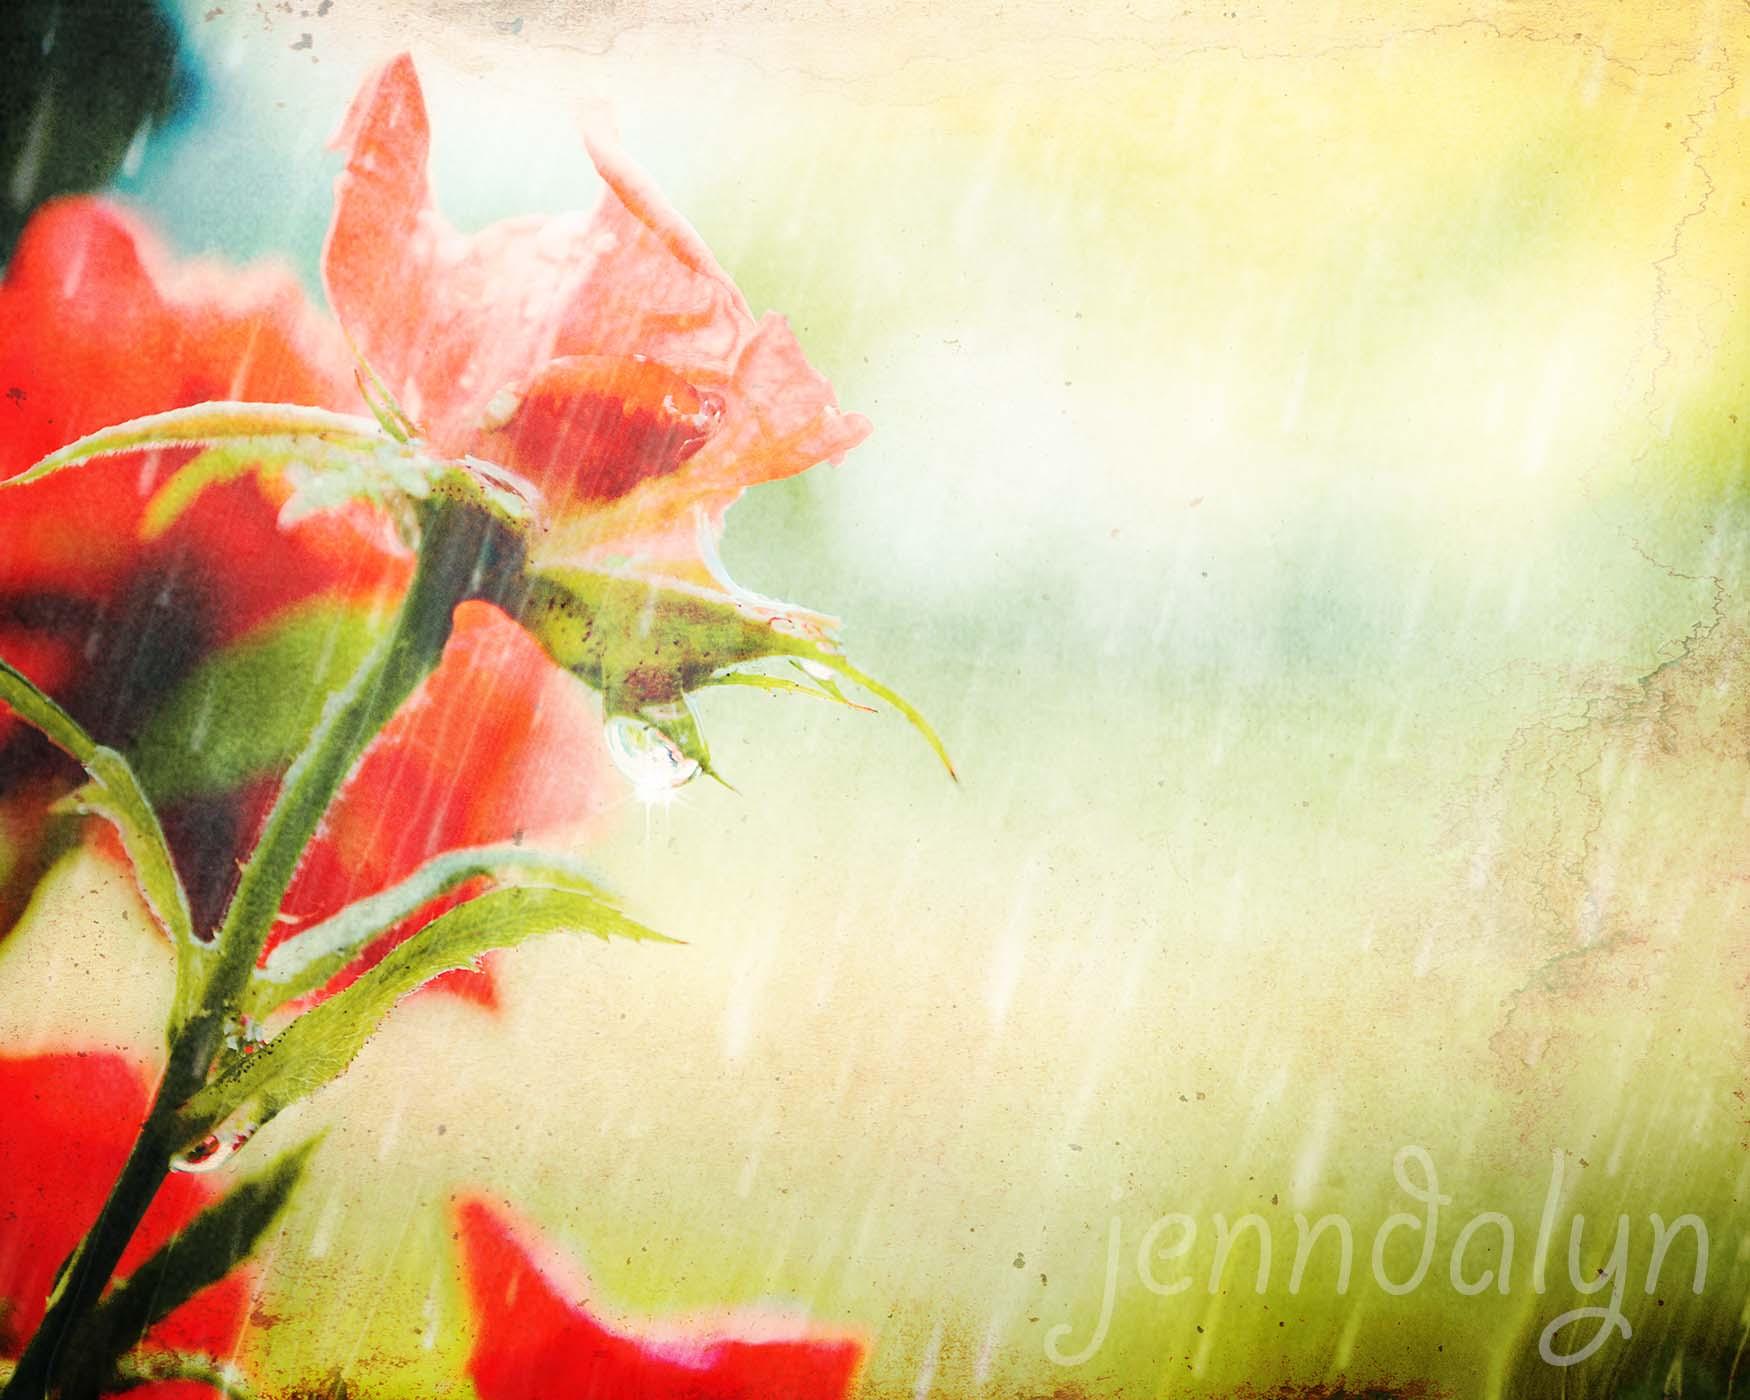 April Showers - 8 x 10 fine art photograph, spring rain photo ...